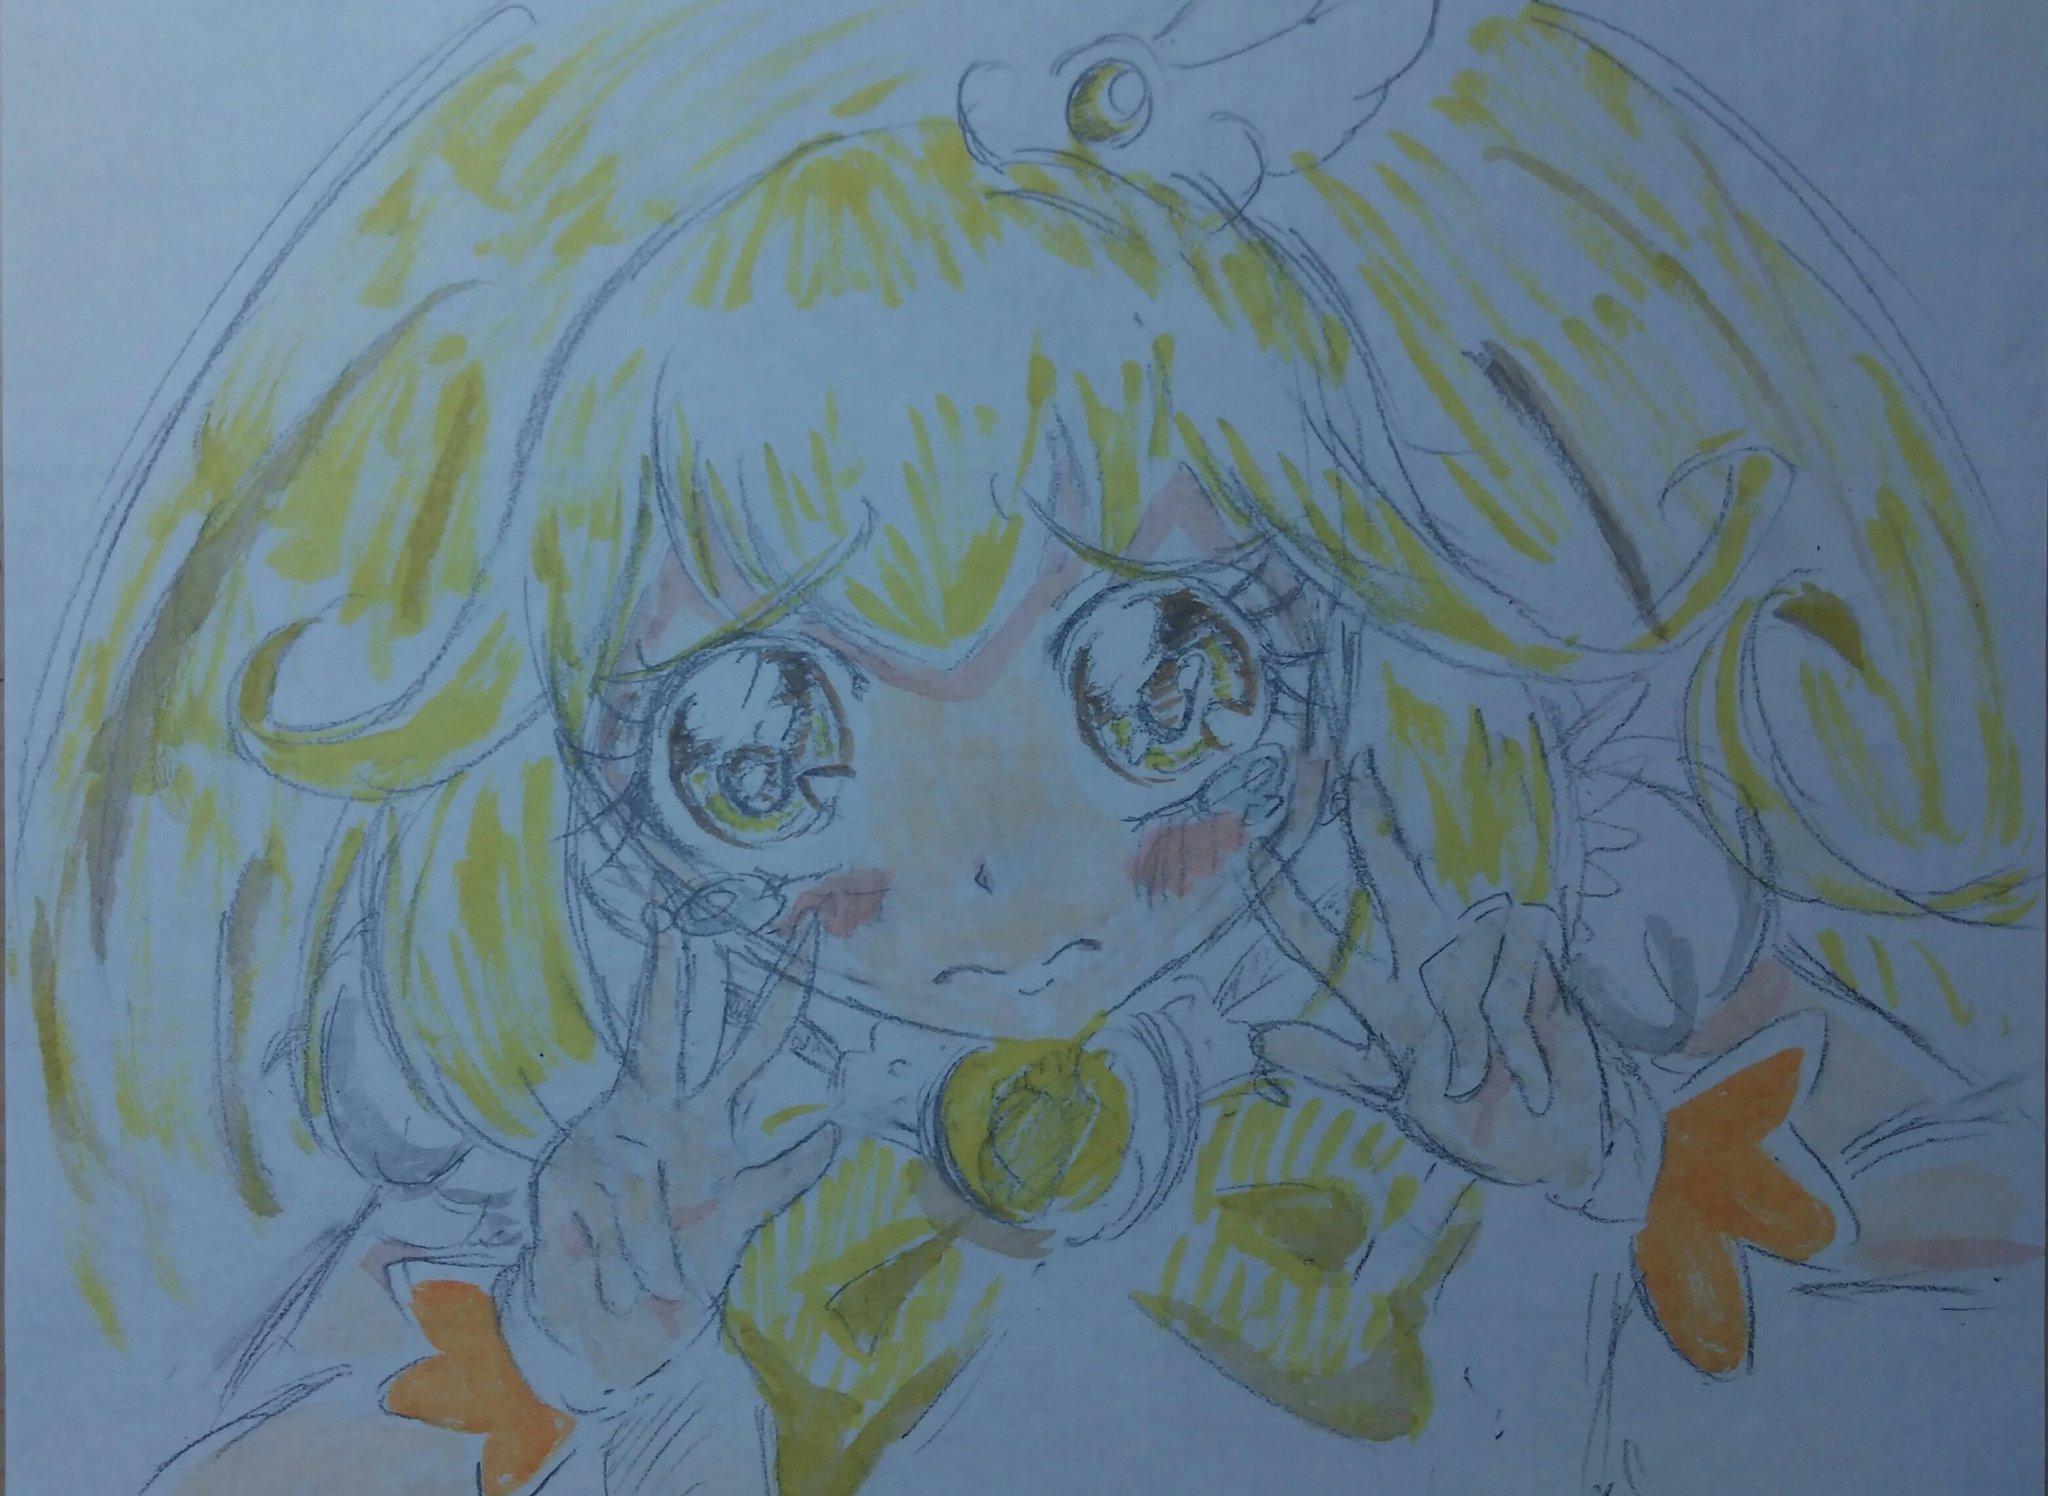 高崎なっつめー (@Natsumegu_smile)さんのイラスト